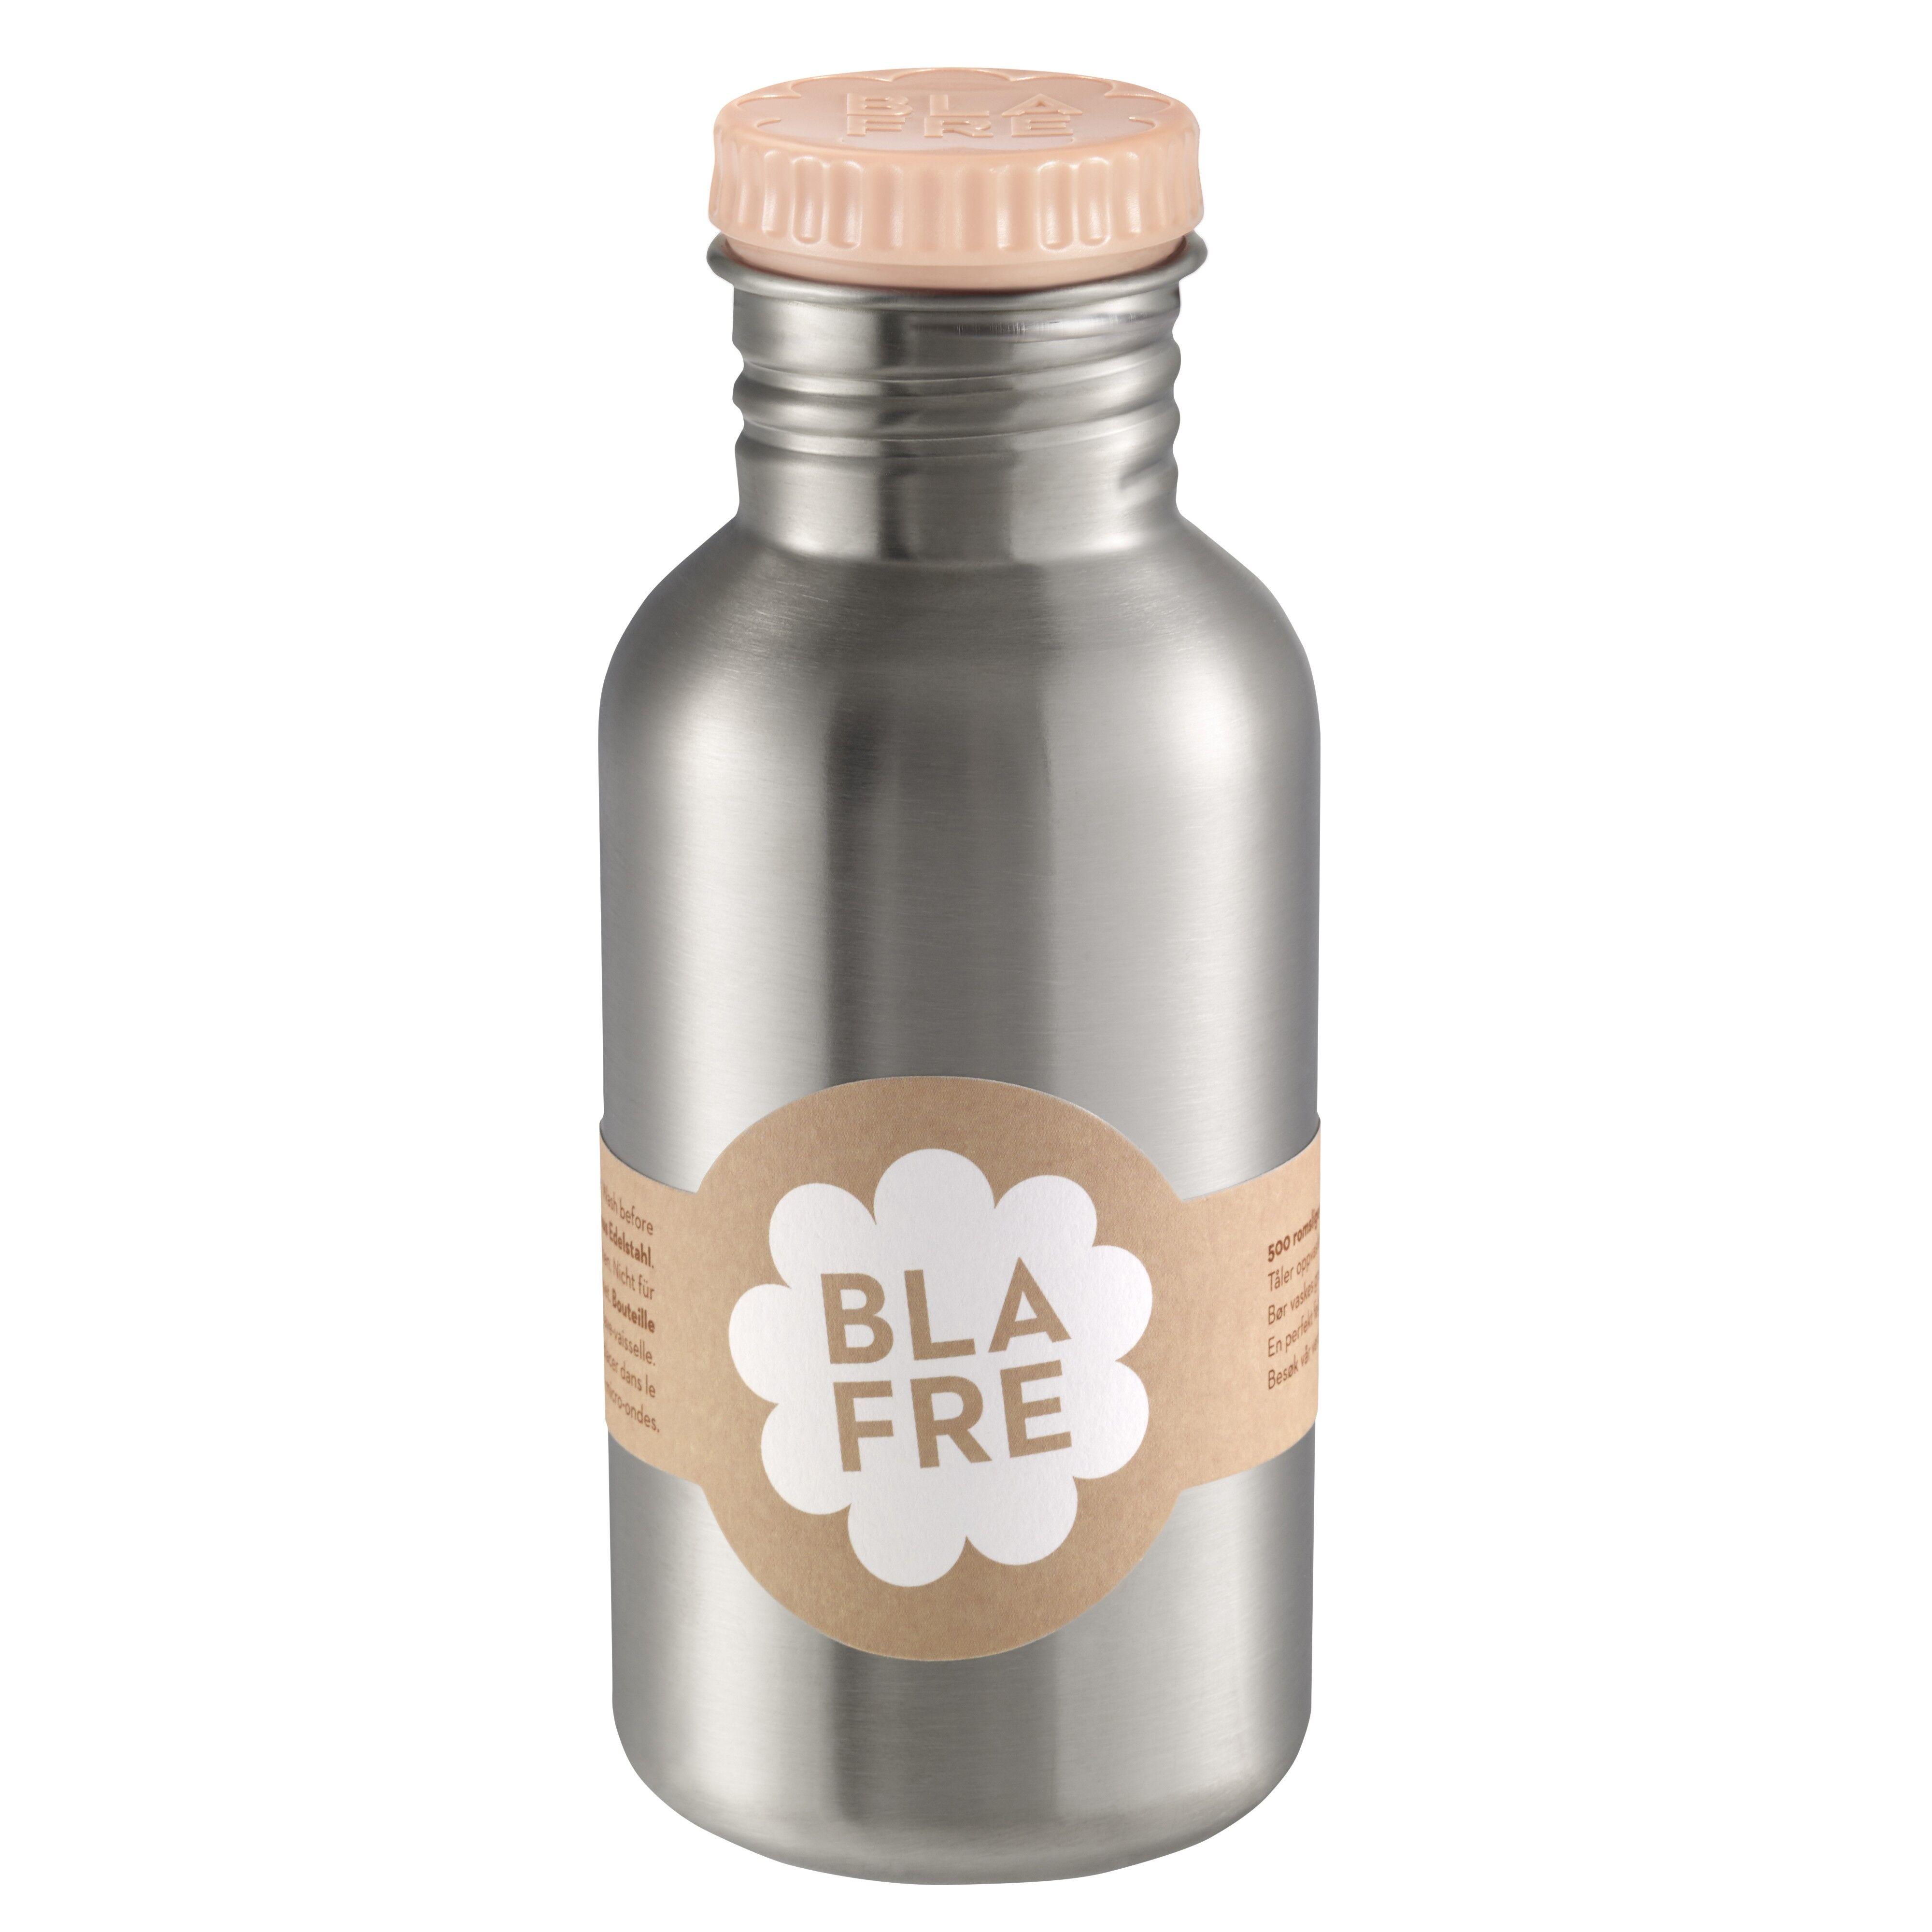 Blafre stålflaske til barn 500 ml. fersken